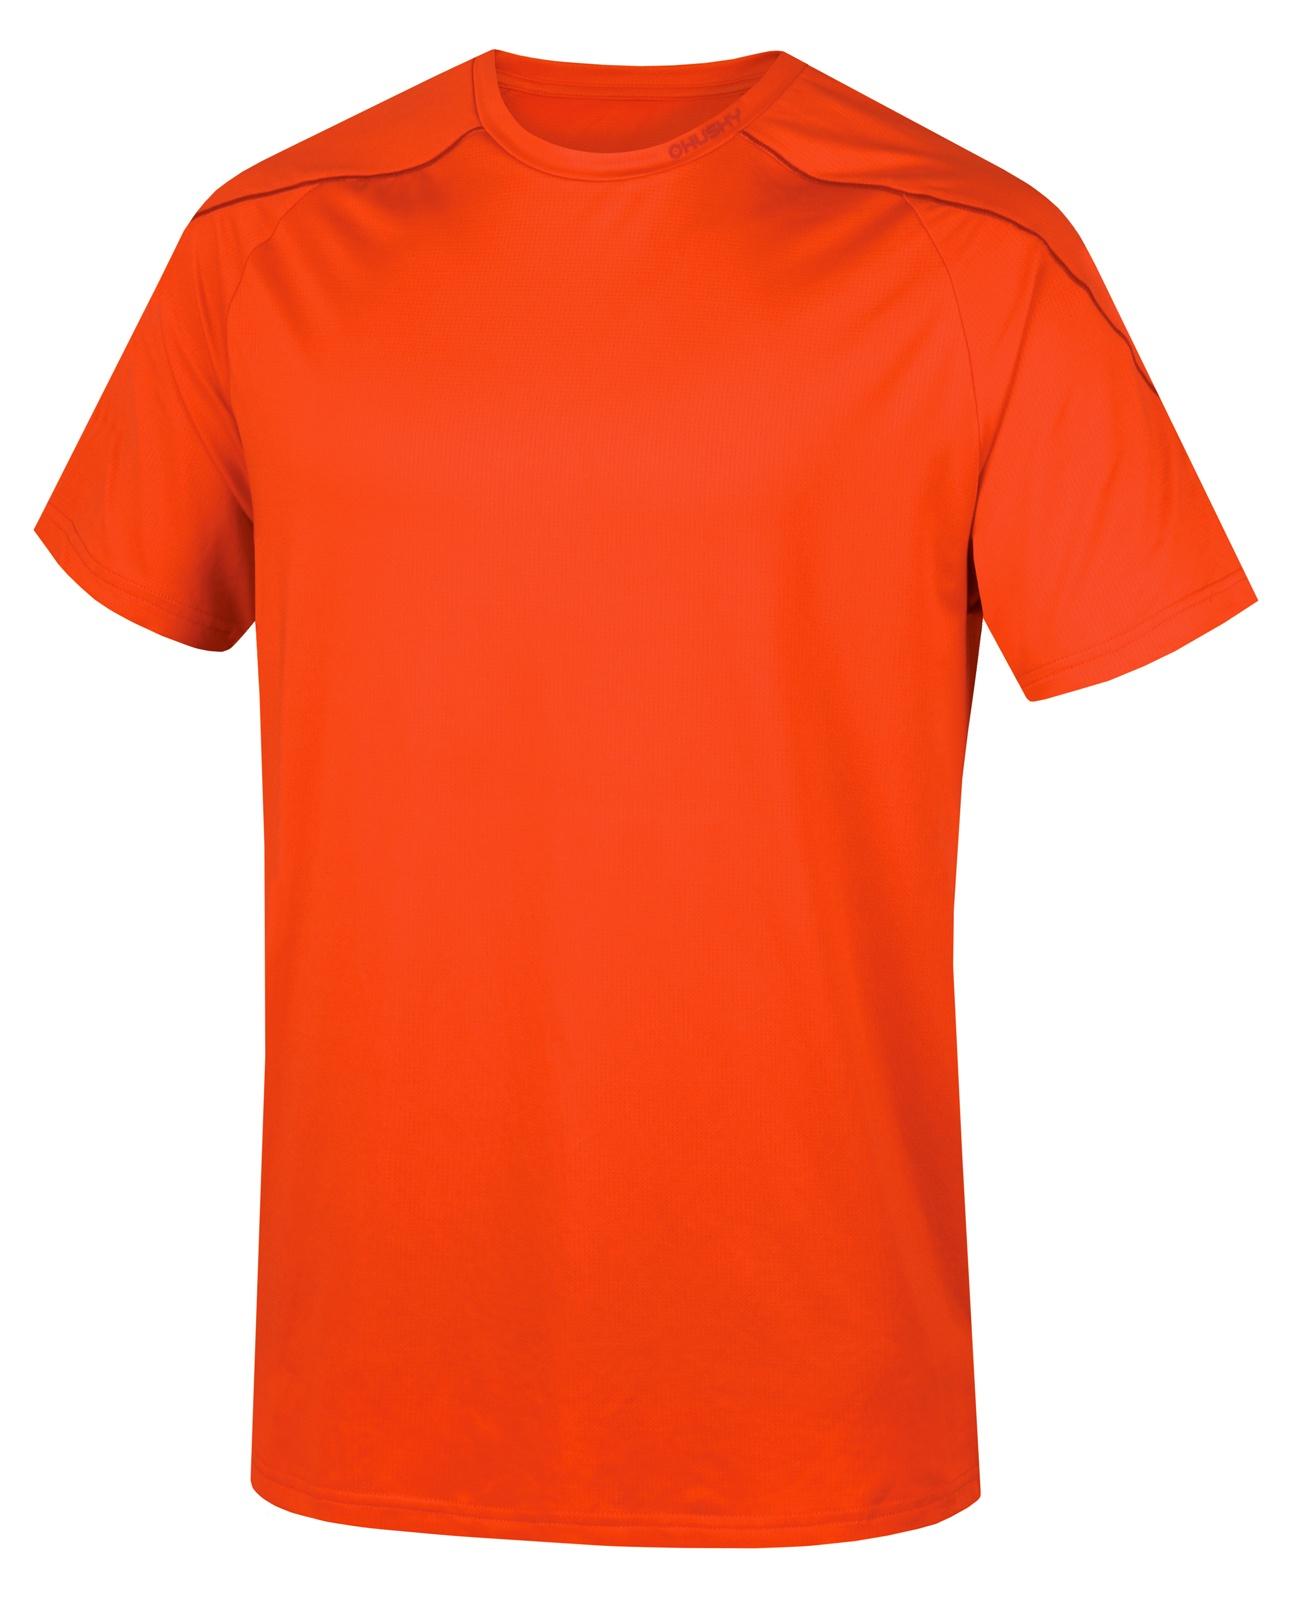 Husky Pánské triko Taury M sv. červená Velikost: M